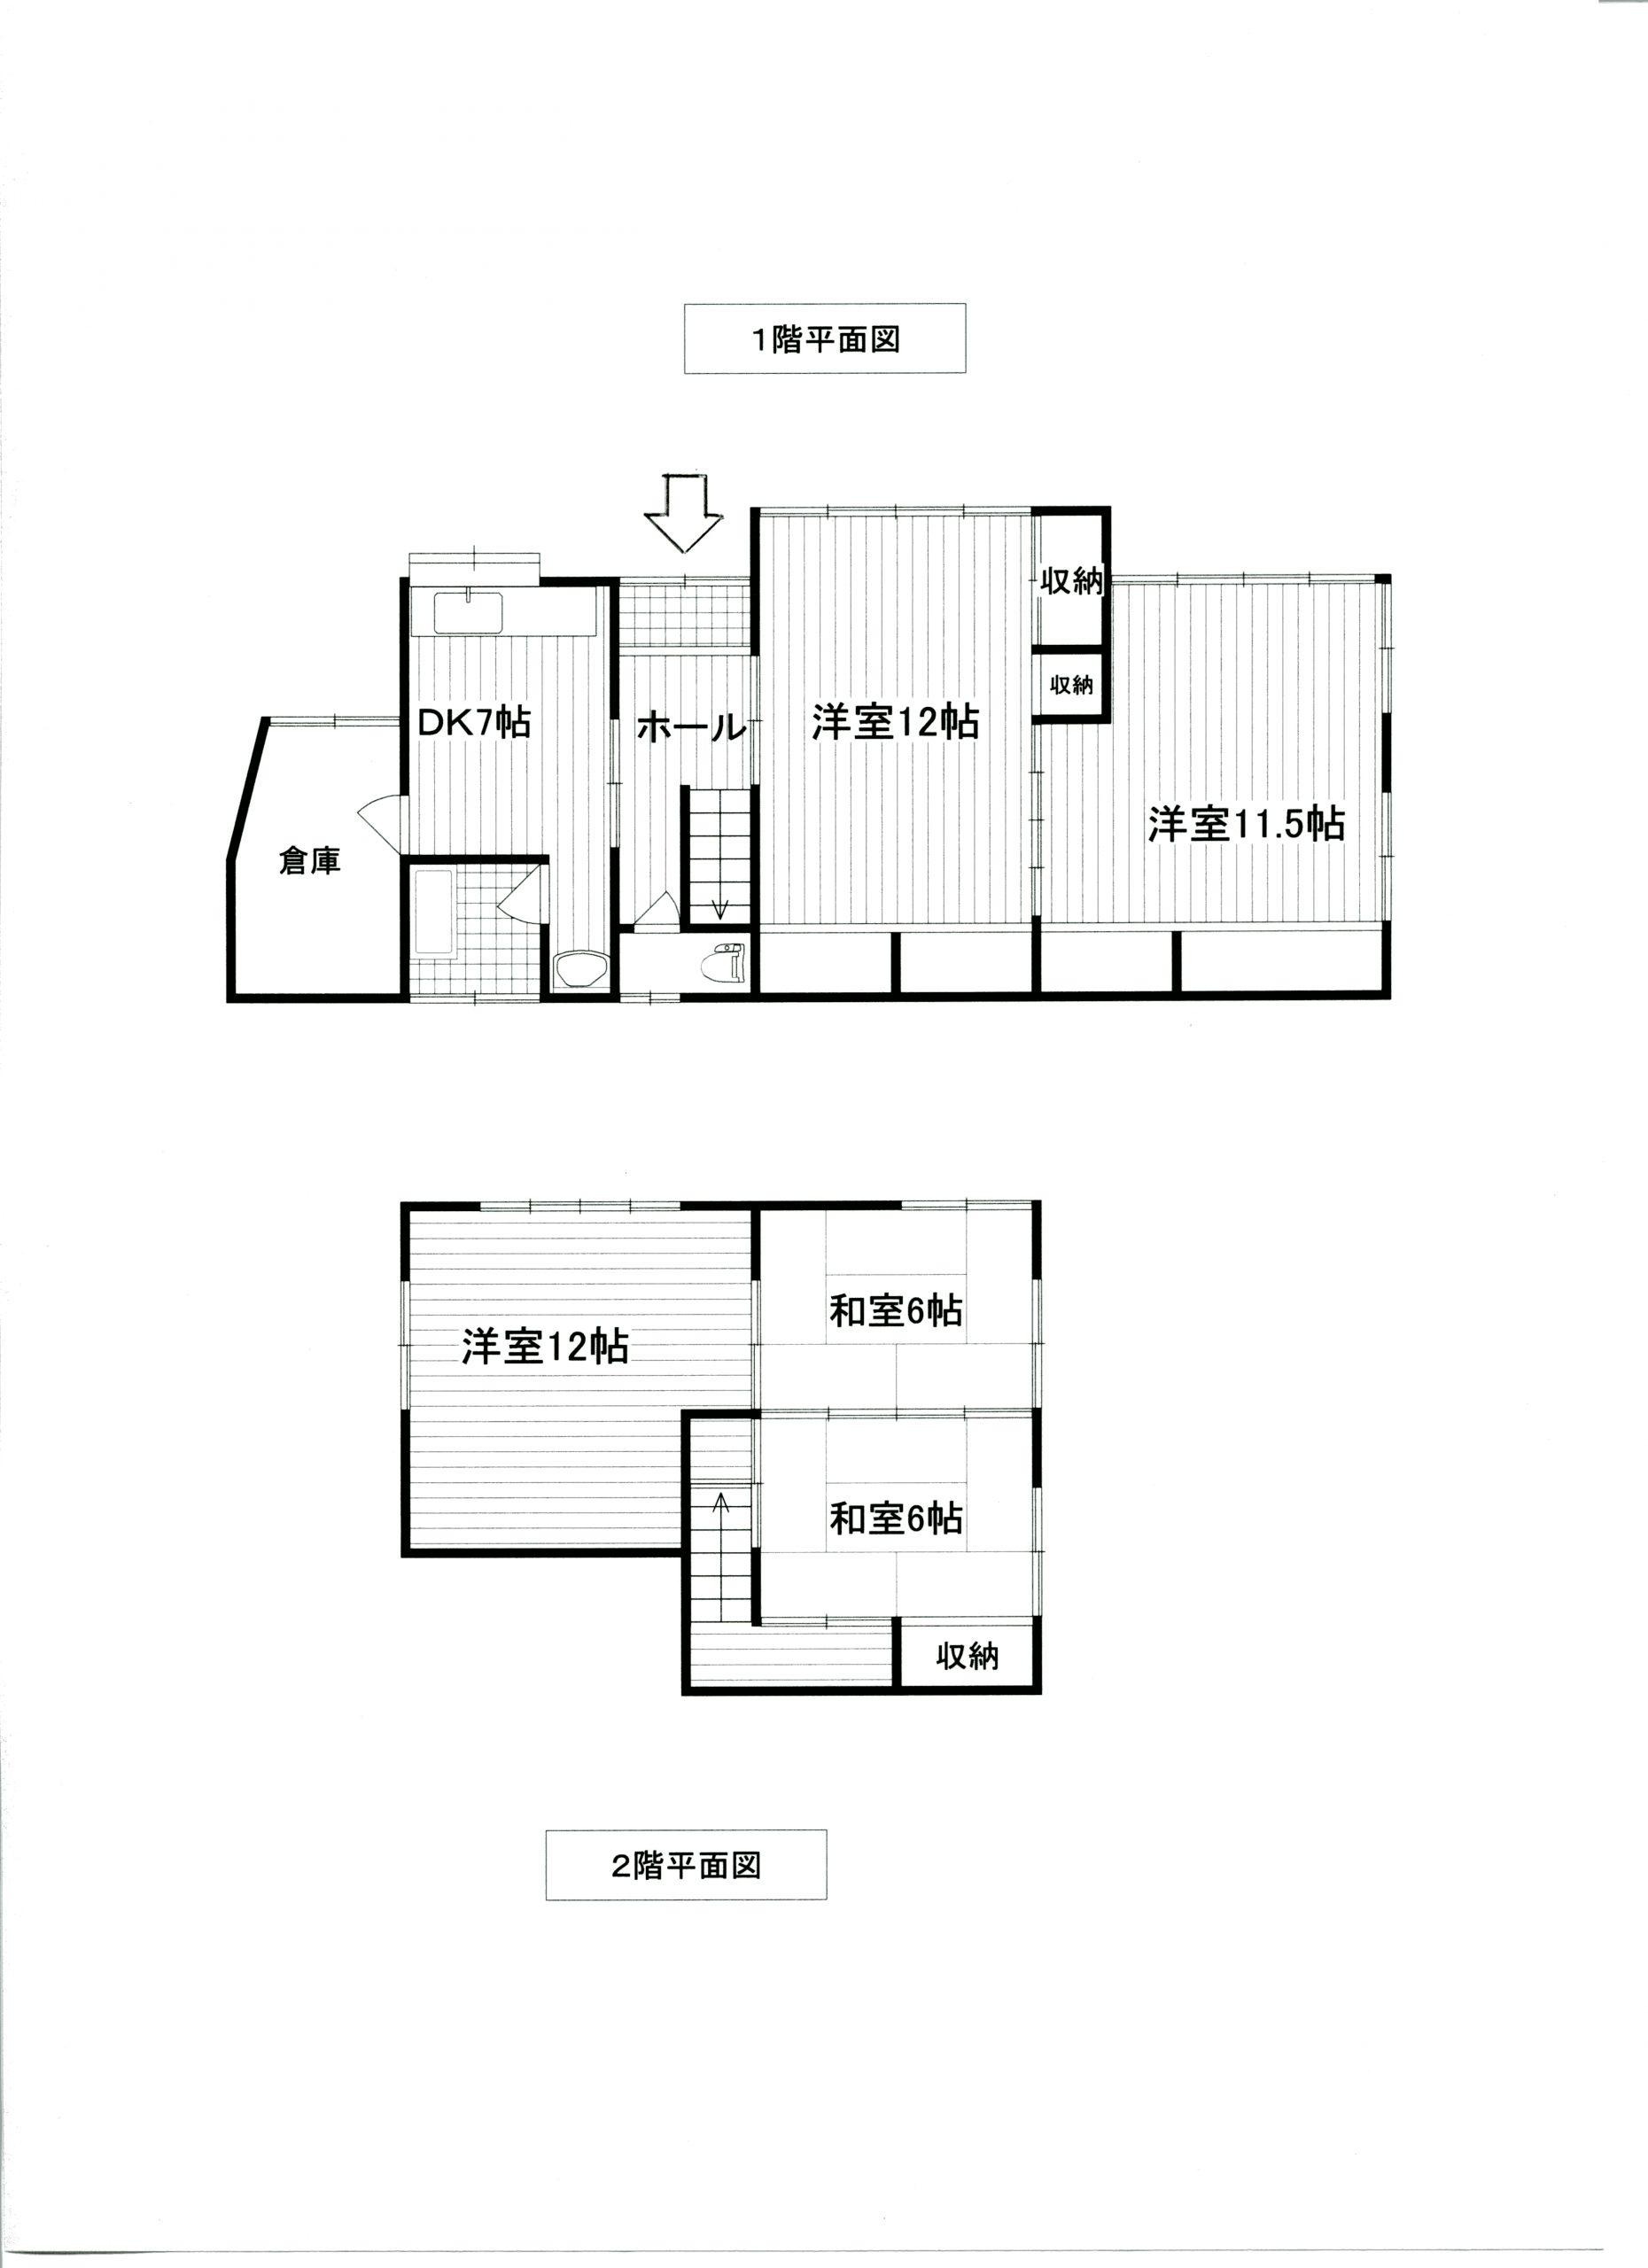 間取り図1